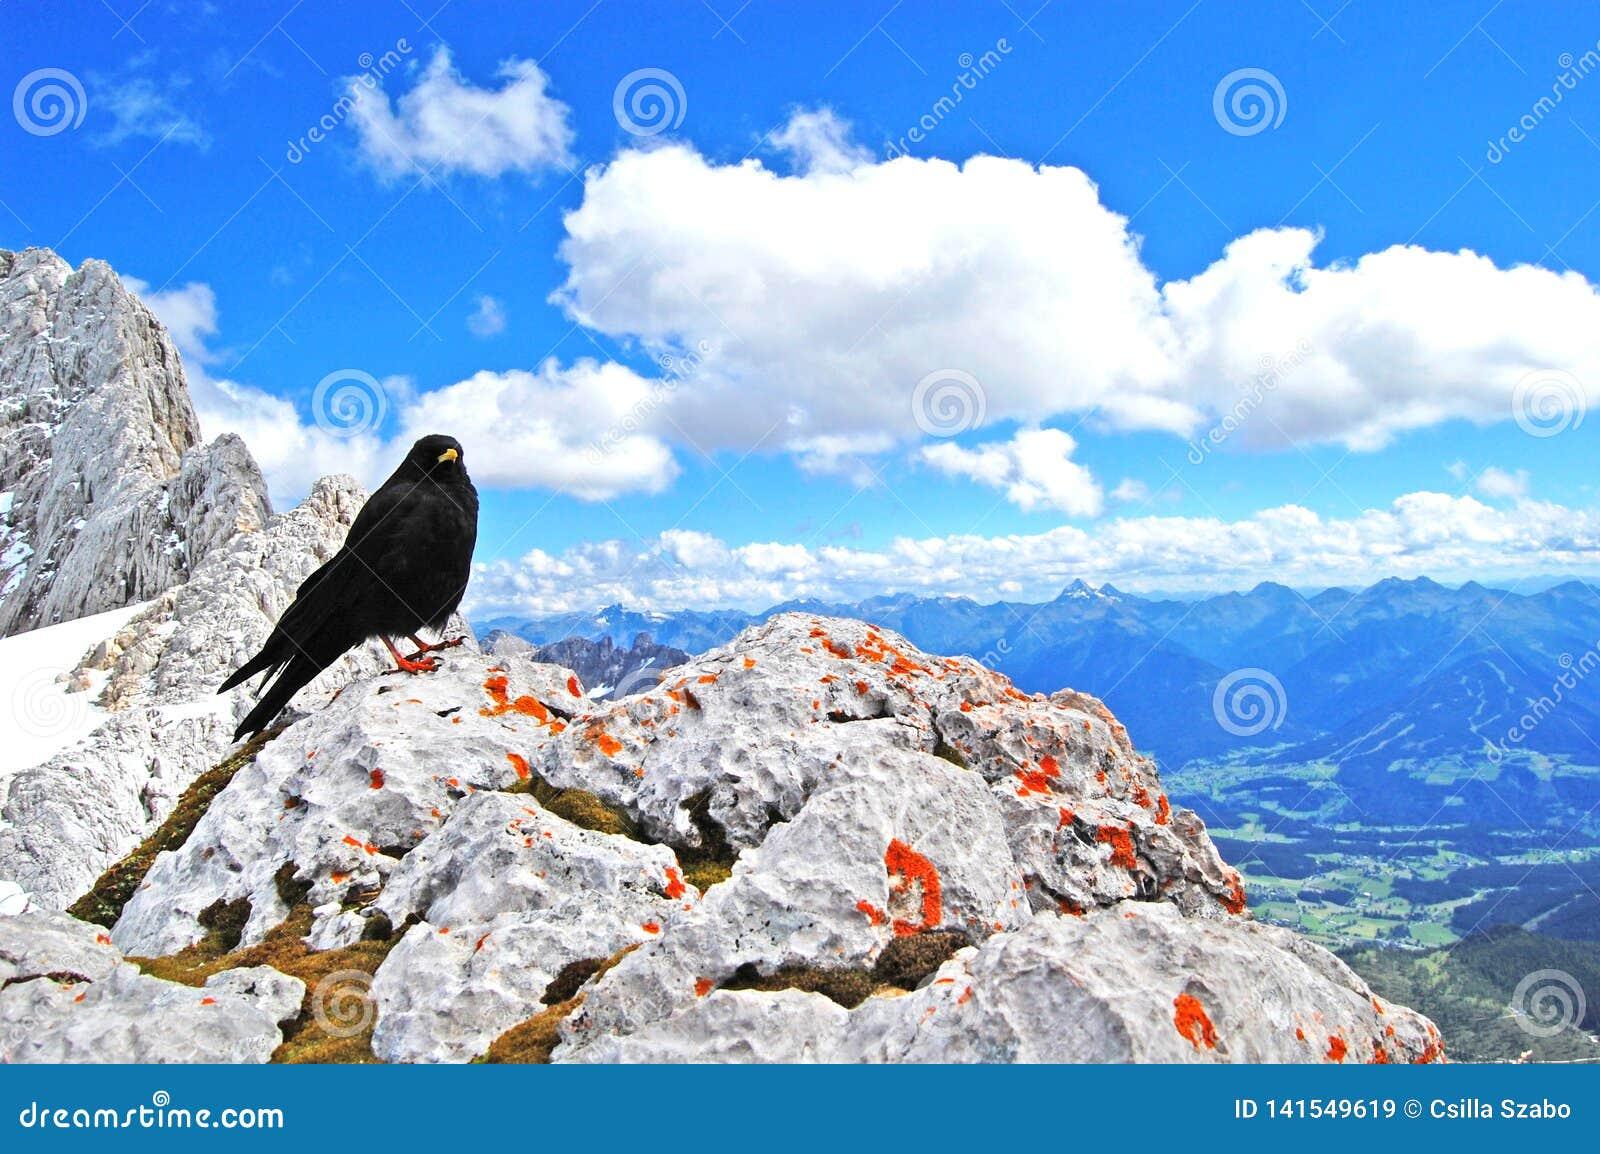 Черная птица поверх мира, красота природы, голубого высокогорного ландшафта, голубого неба, снега покрыла горные пики